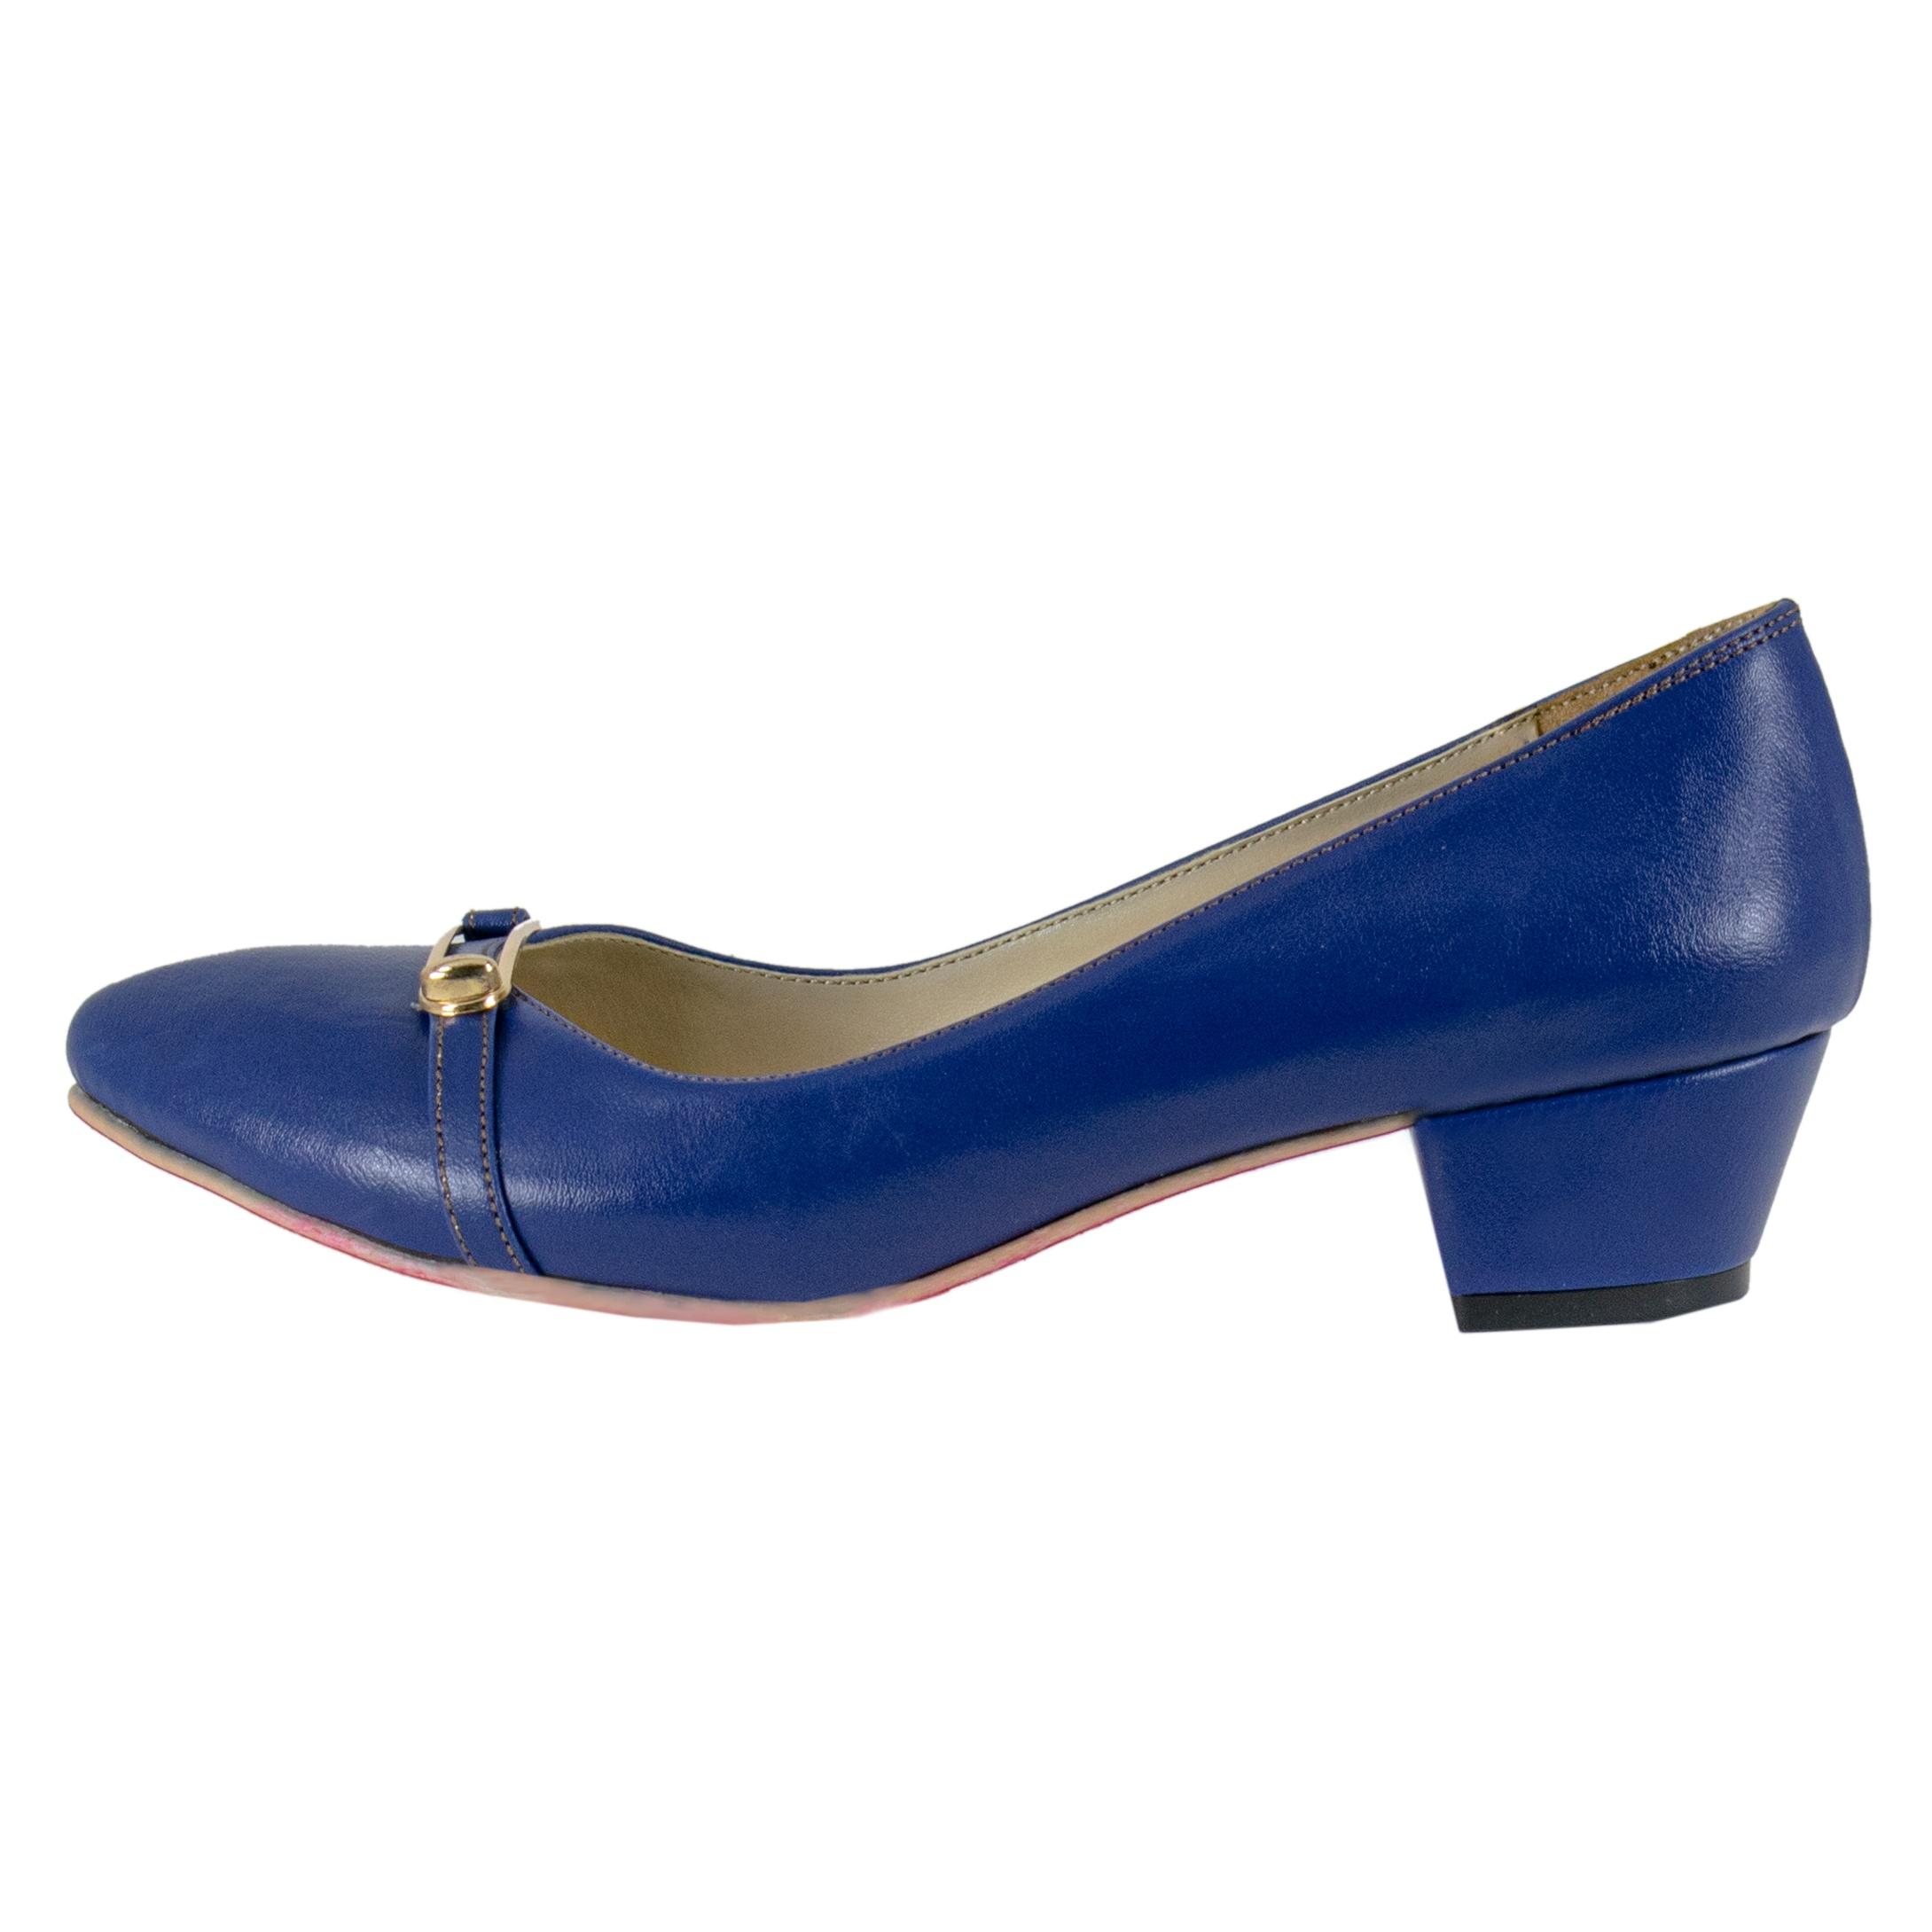 تصویر کفش زنانه آذاردو مدل W10224